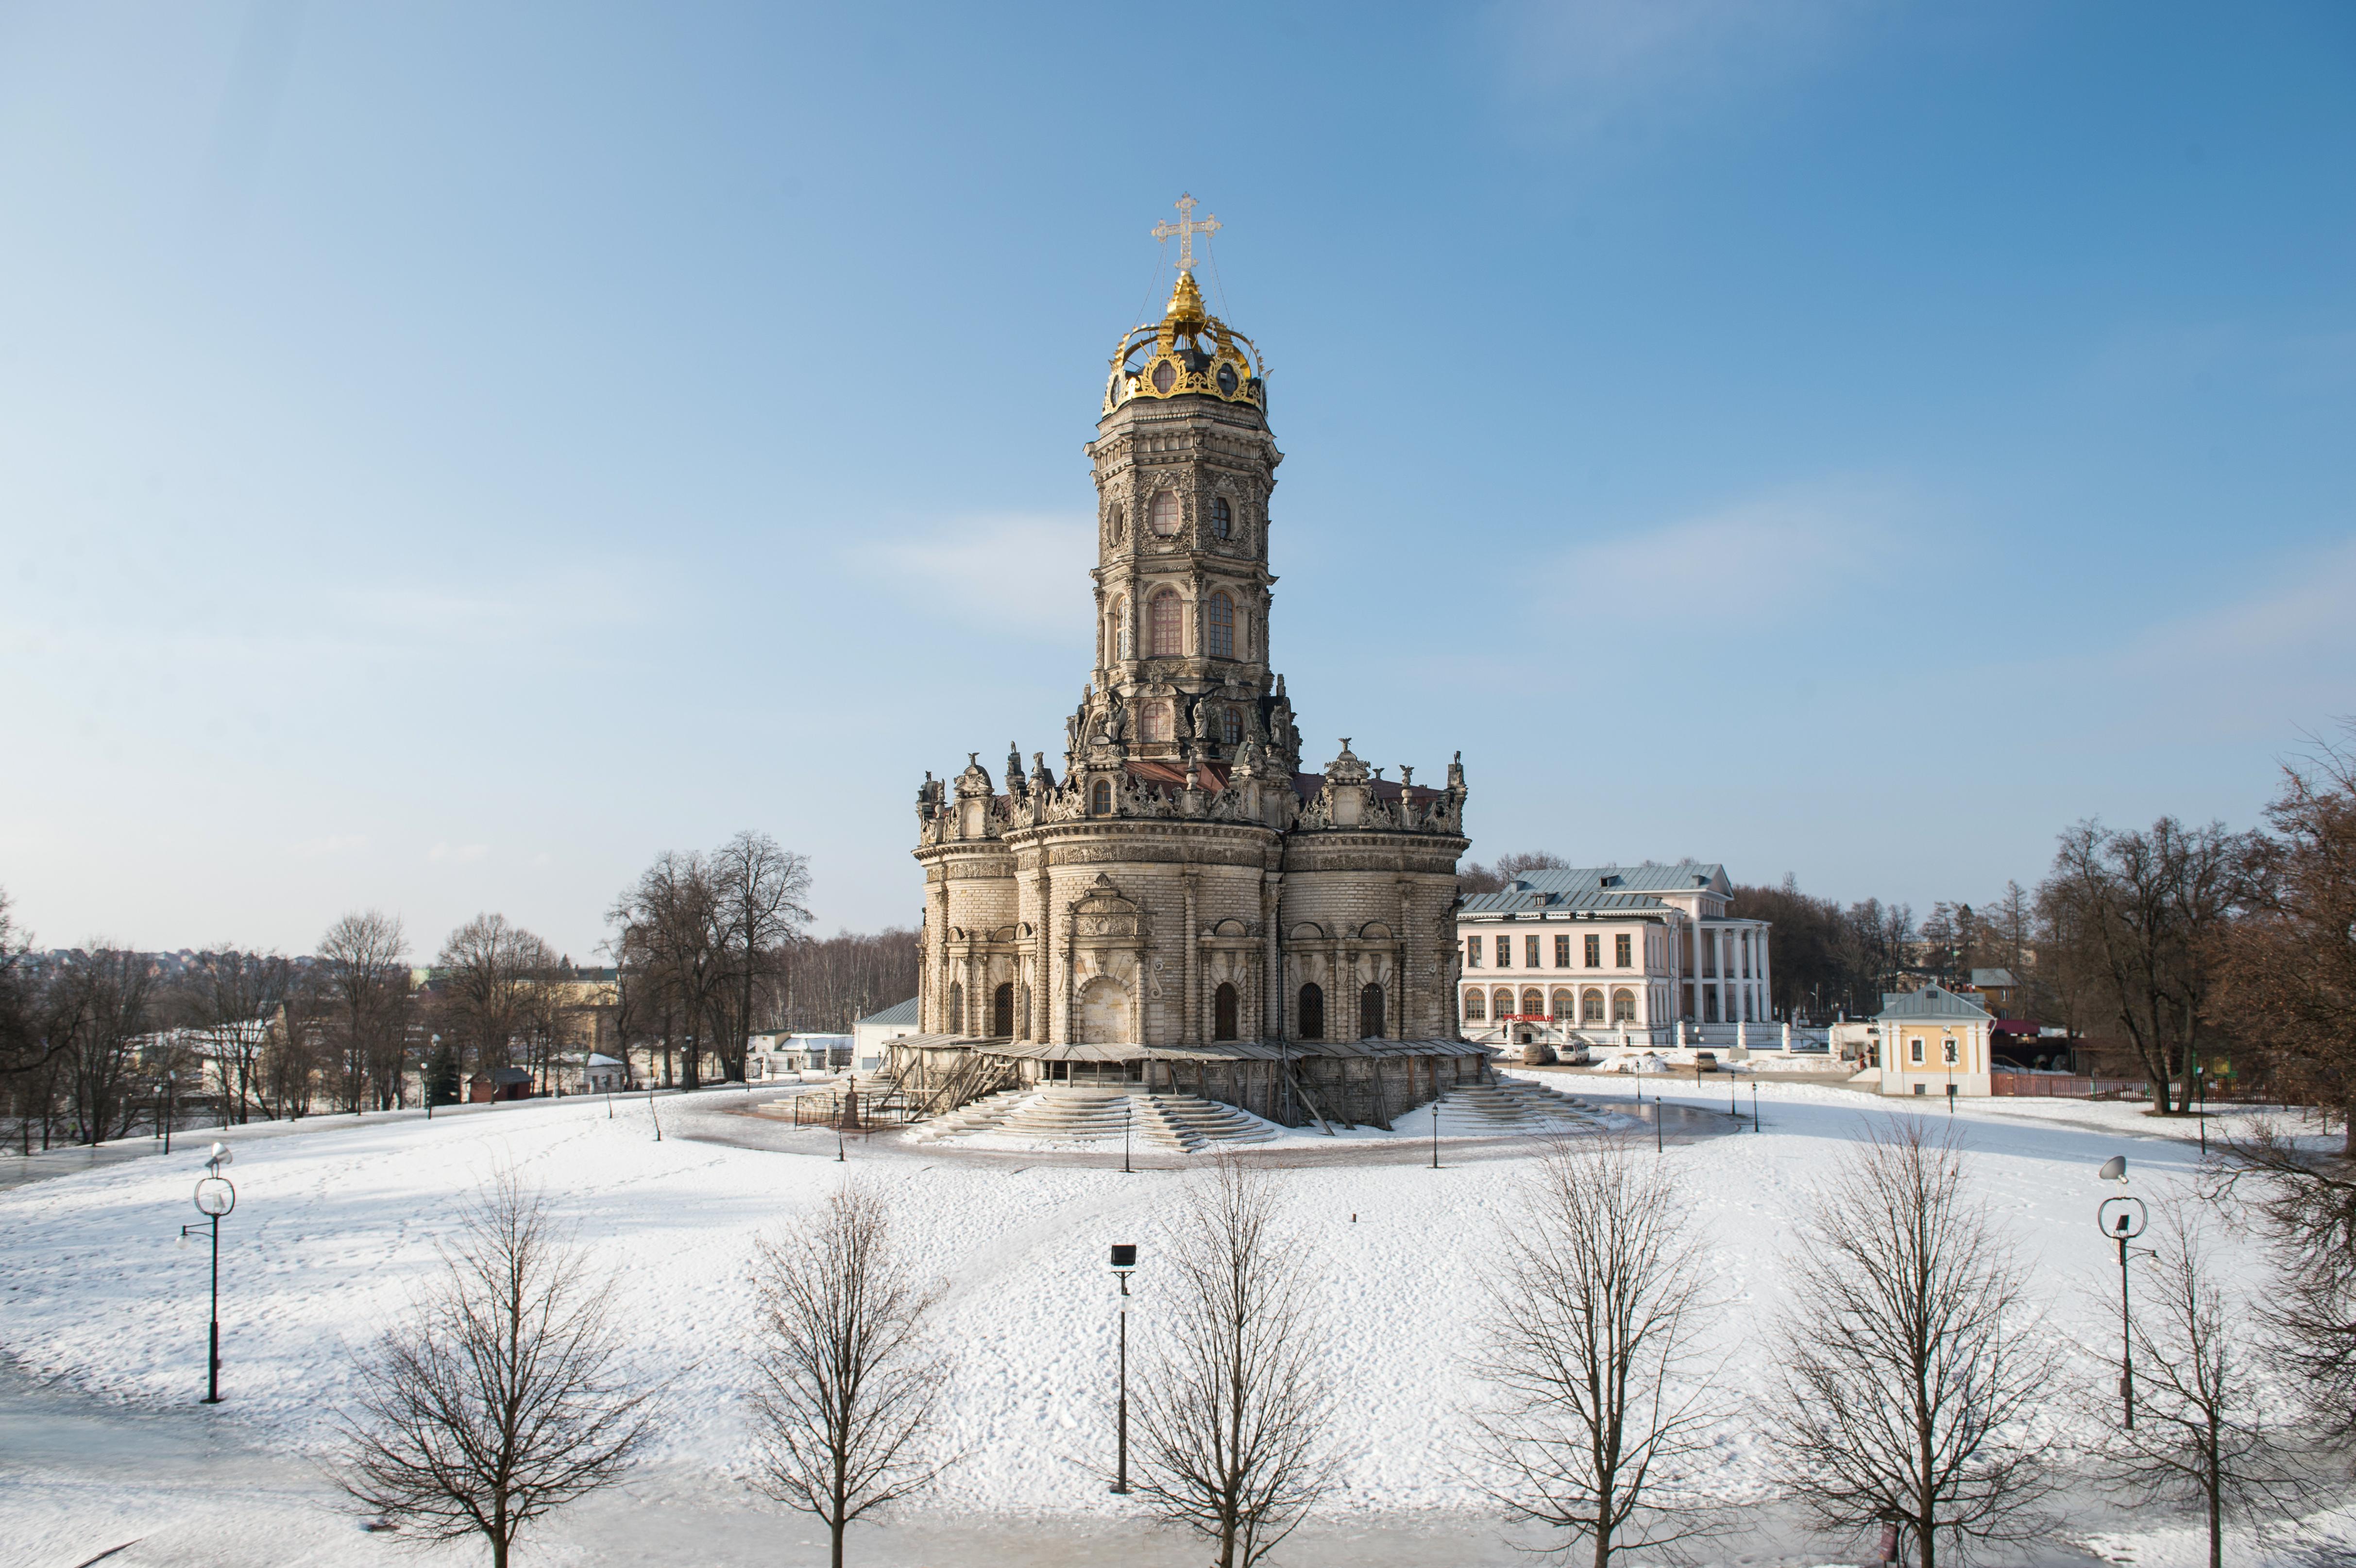 Церковь Знамения Пресвятой Богородицы в Дубровицах зимой